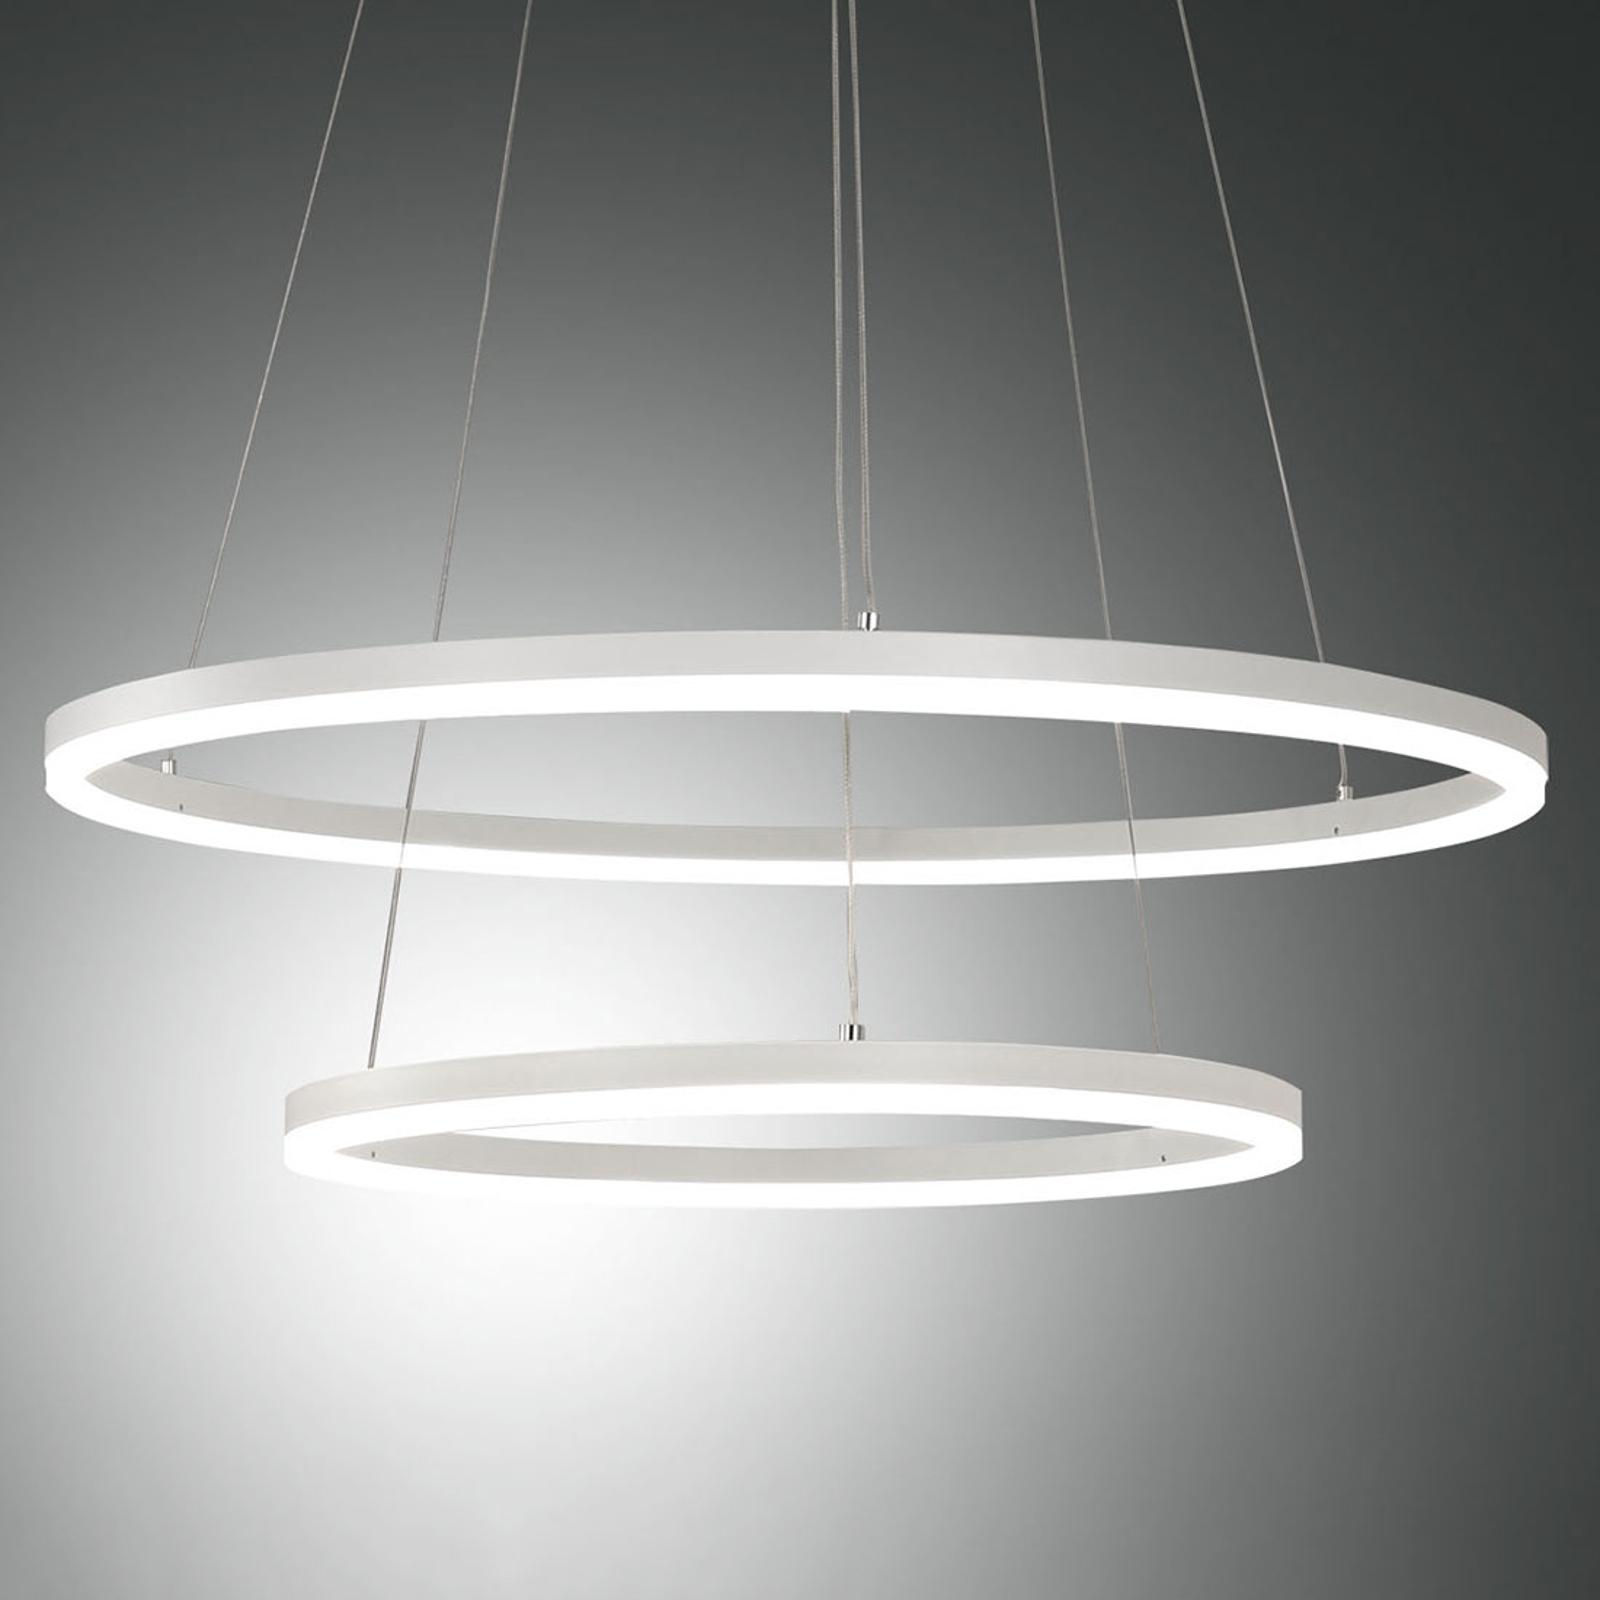 Lampada LED a sospensione Giotto, 2 luci, bianco